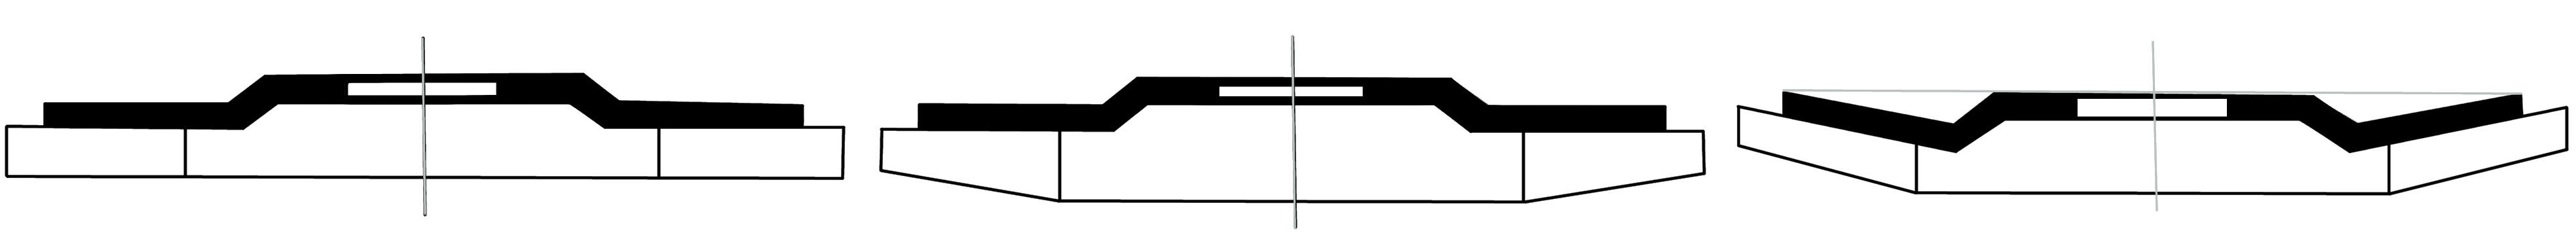 Lamellenfächerscheibenformen